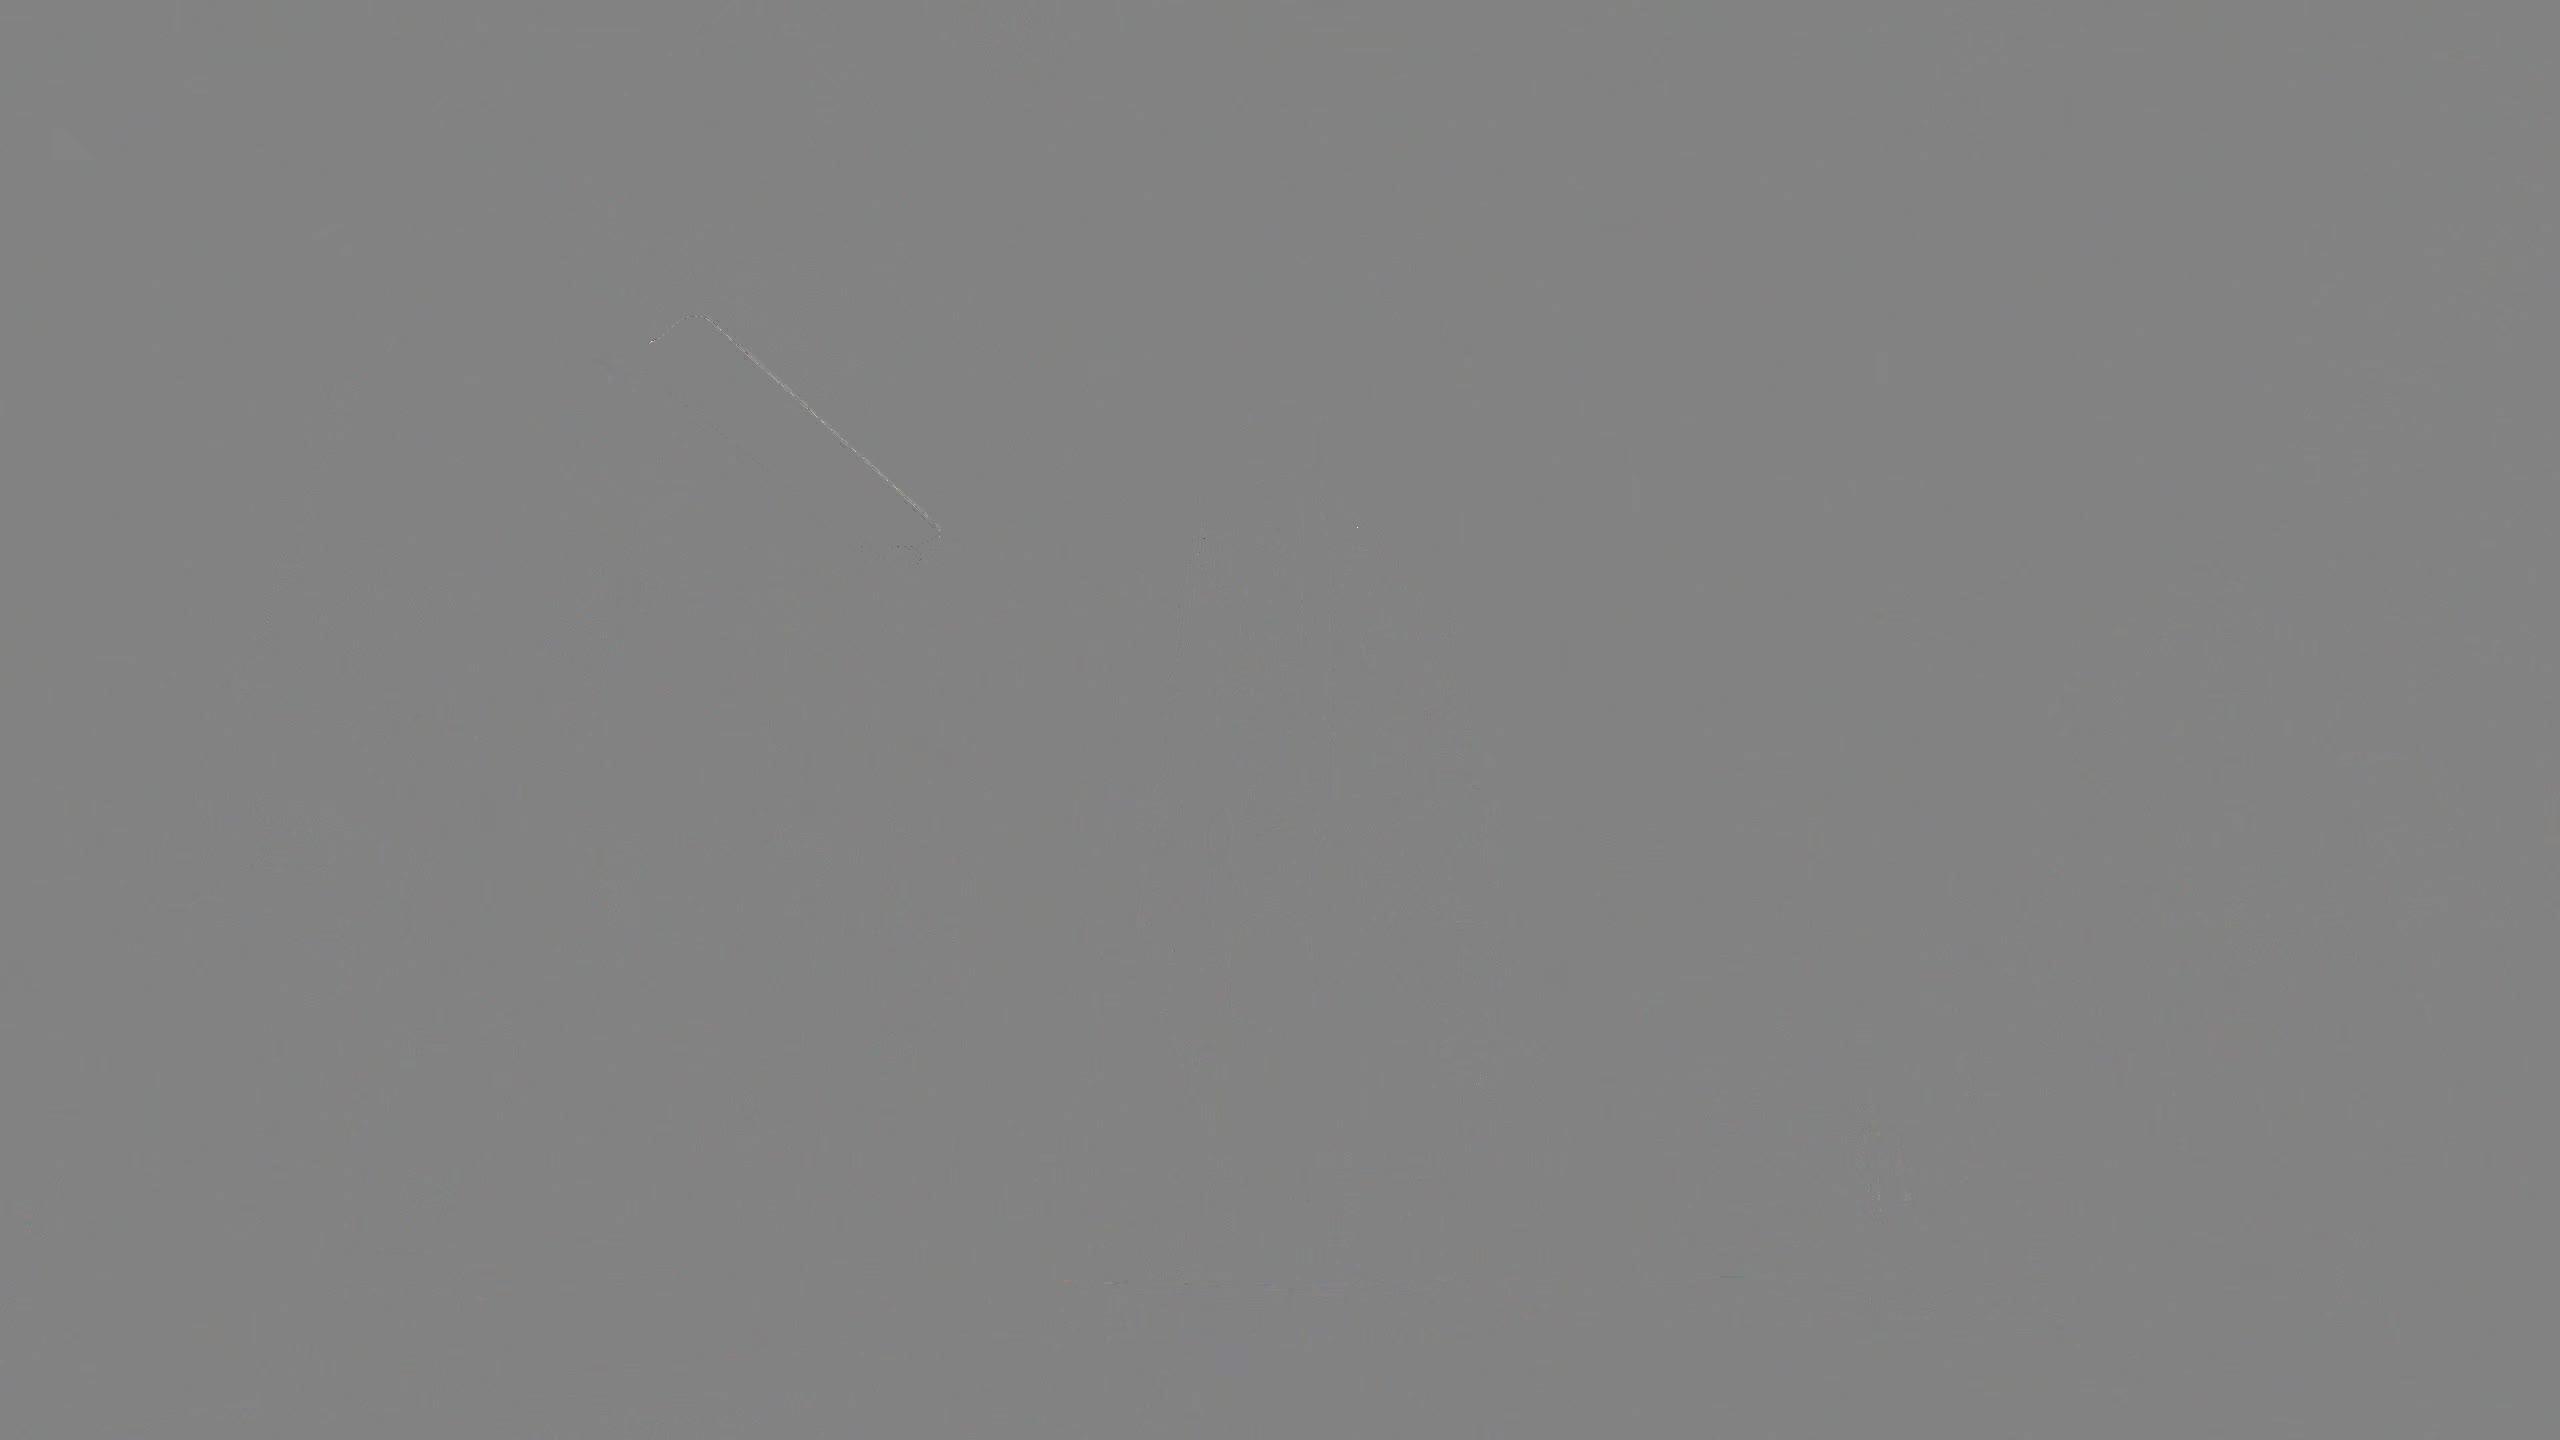 StarCitizen 03-11-2018 12-46-03 GIFs